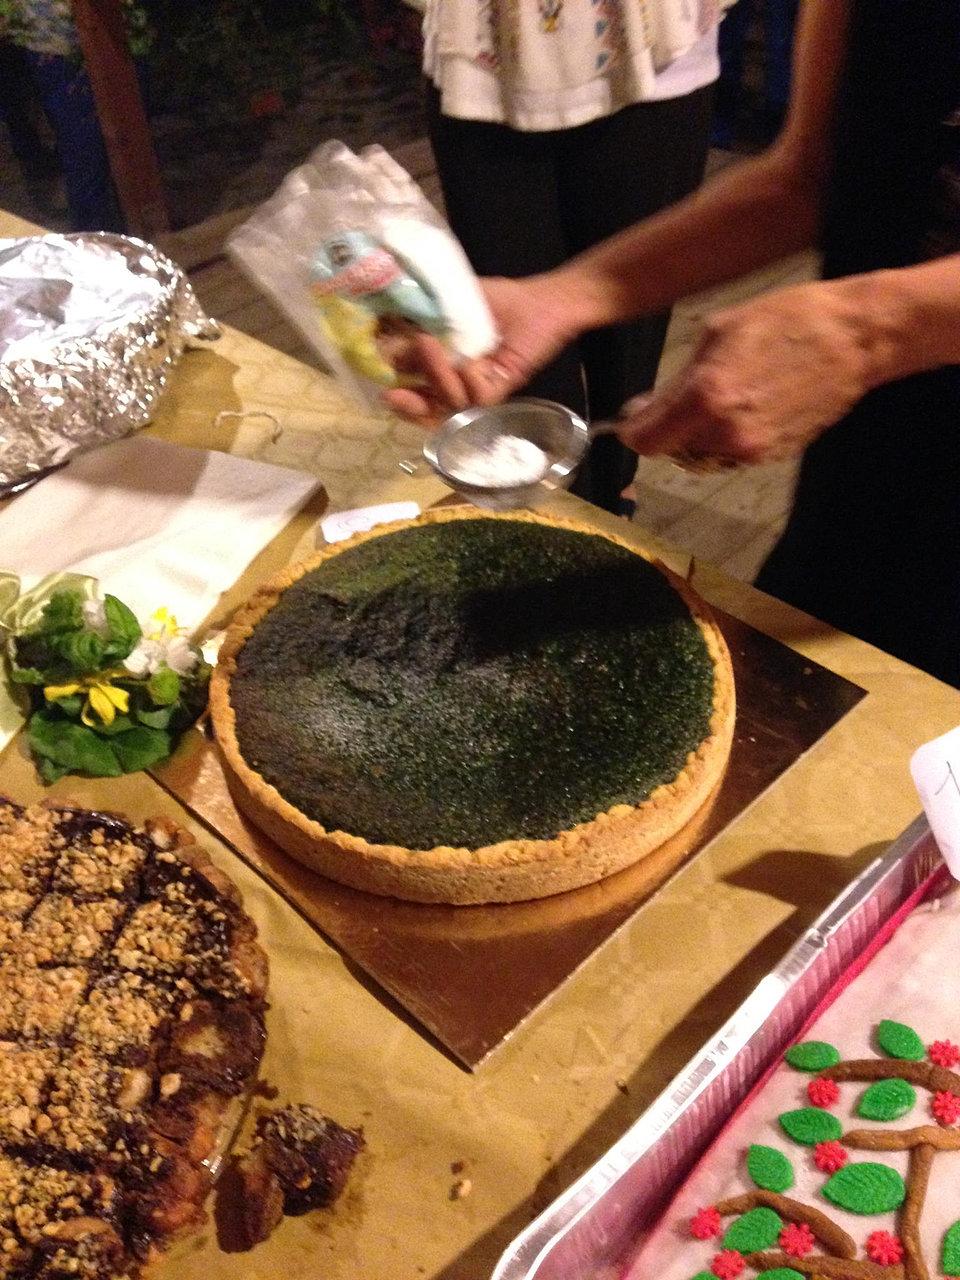 corso di cucina per pazienti oncologici consorzio parmigiano reggio emilia 2 dicembre 2016